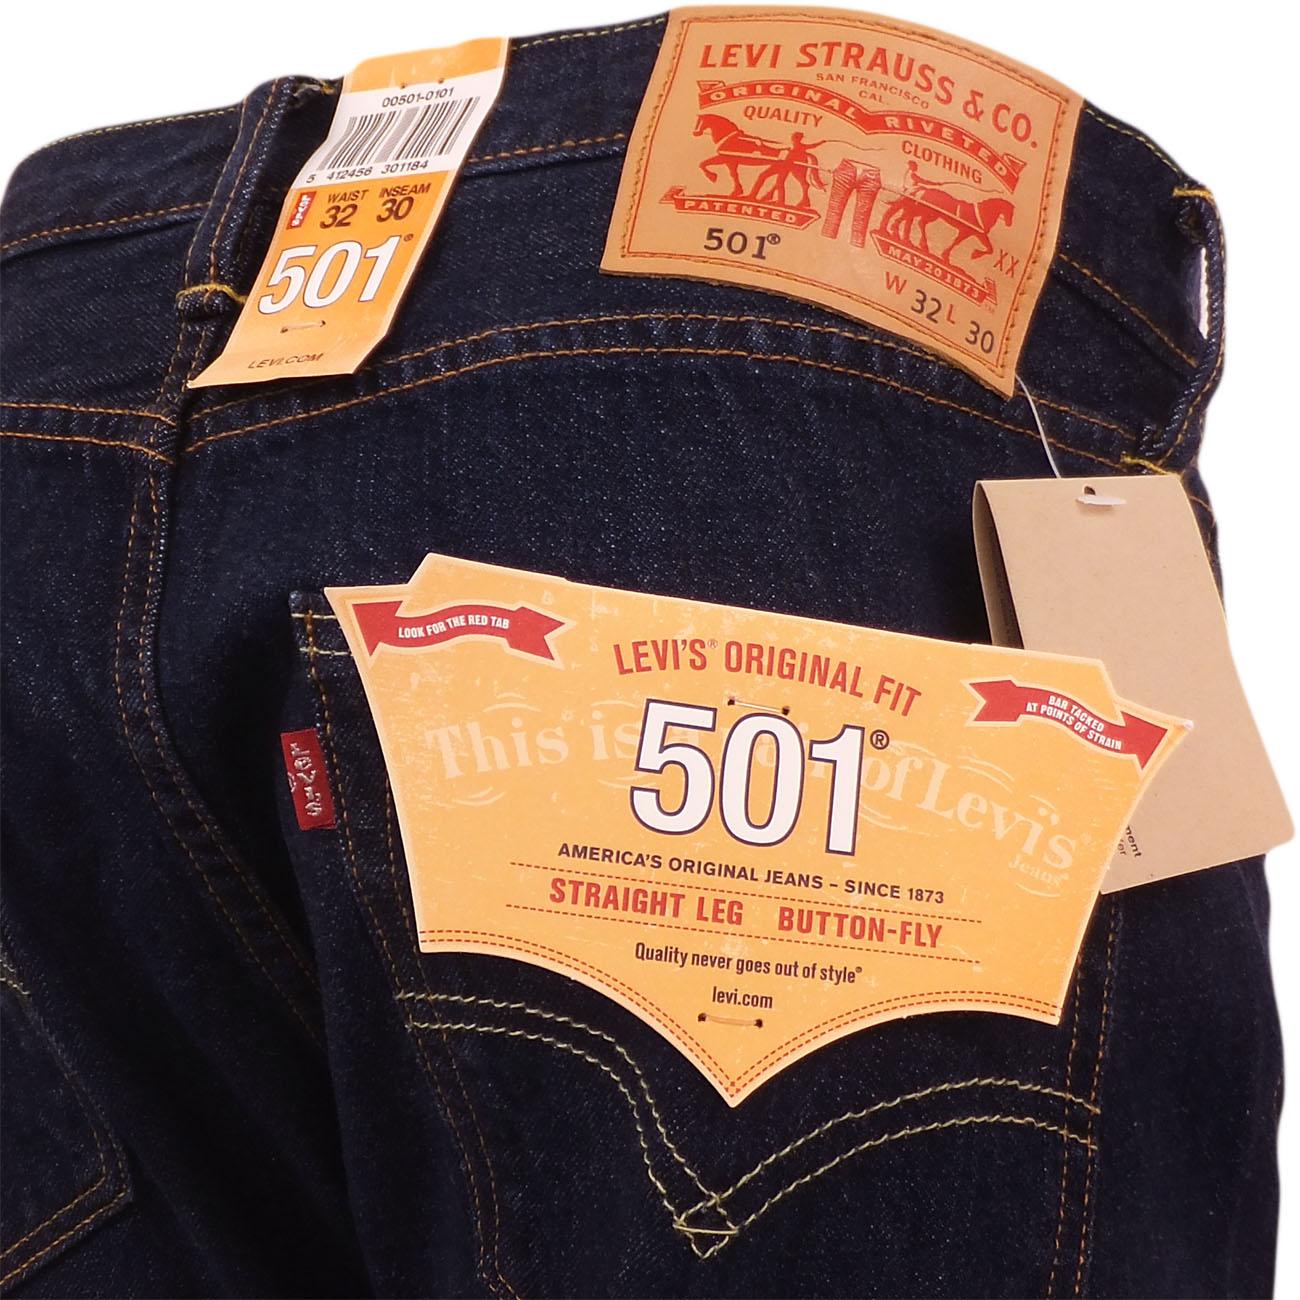 98e7548e197 Mens Levi's 501 Denim Jean One Wash Indigo Dark Blue New Original ...